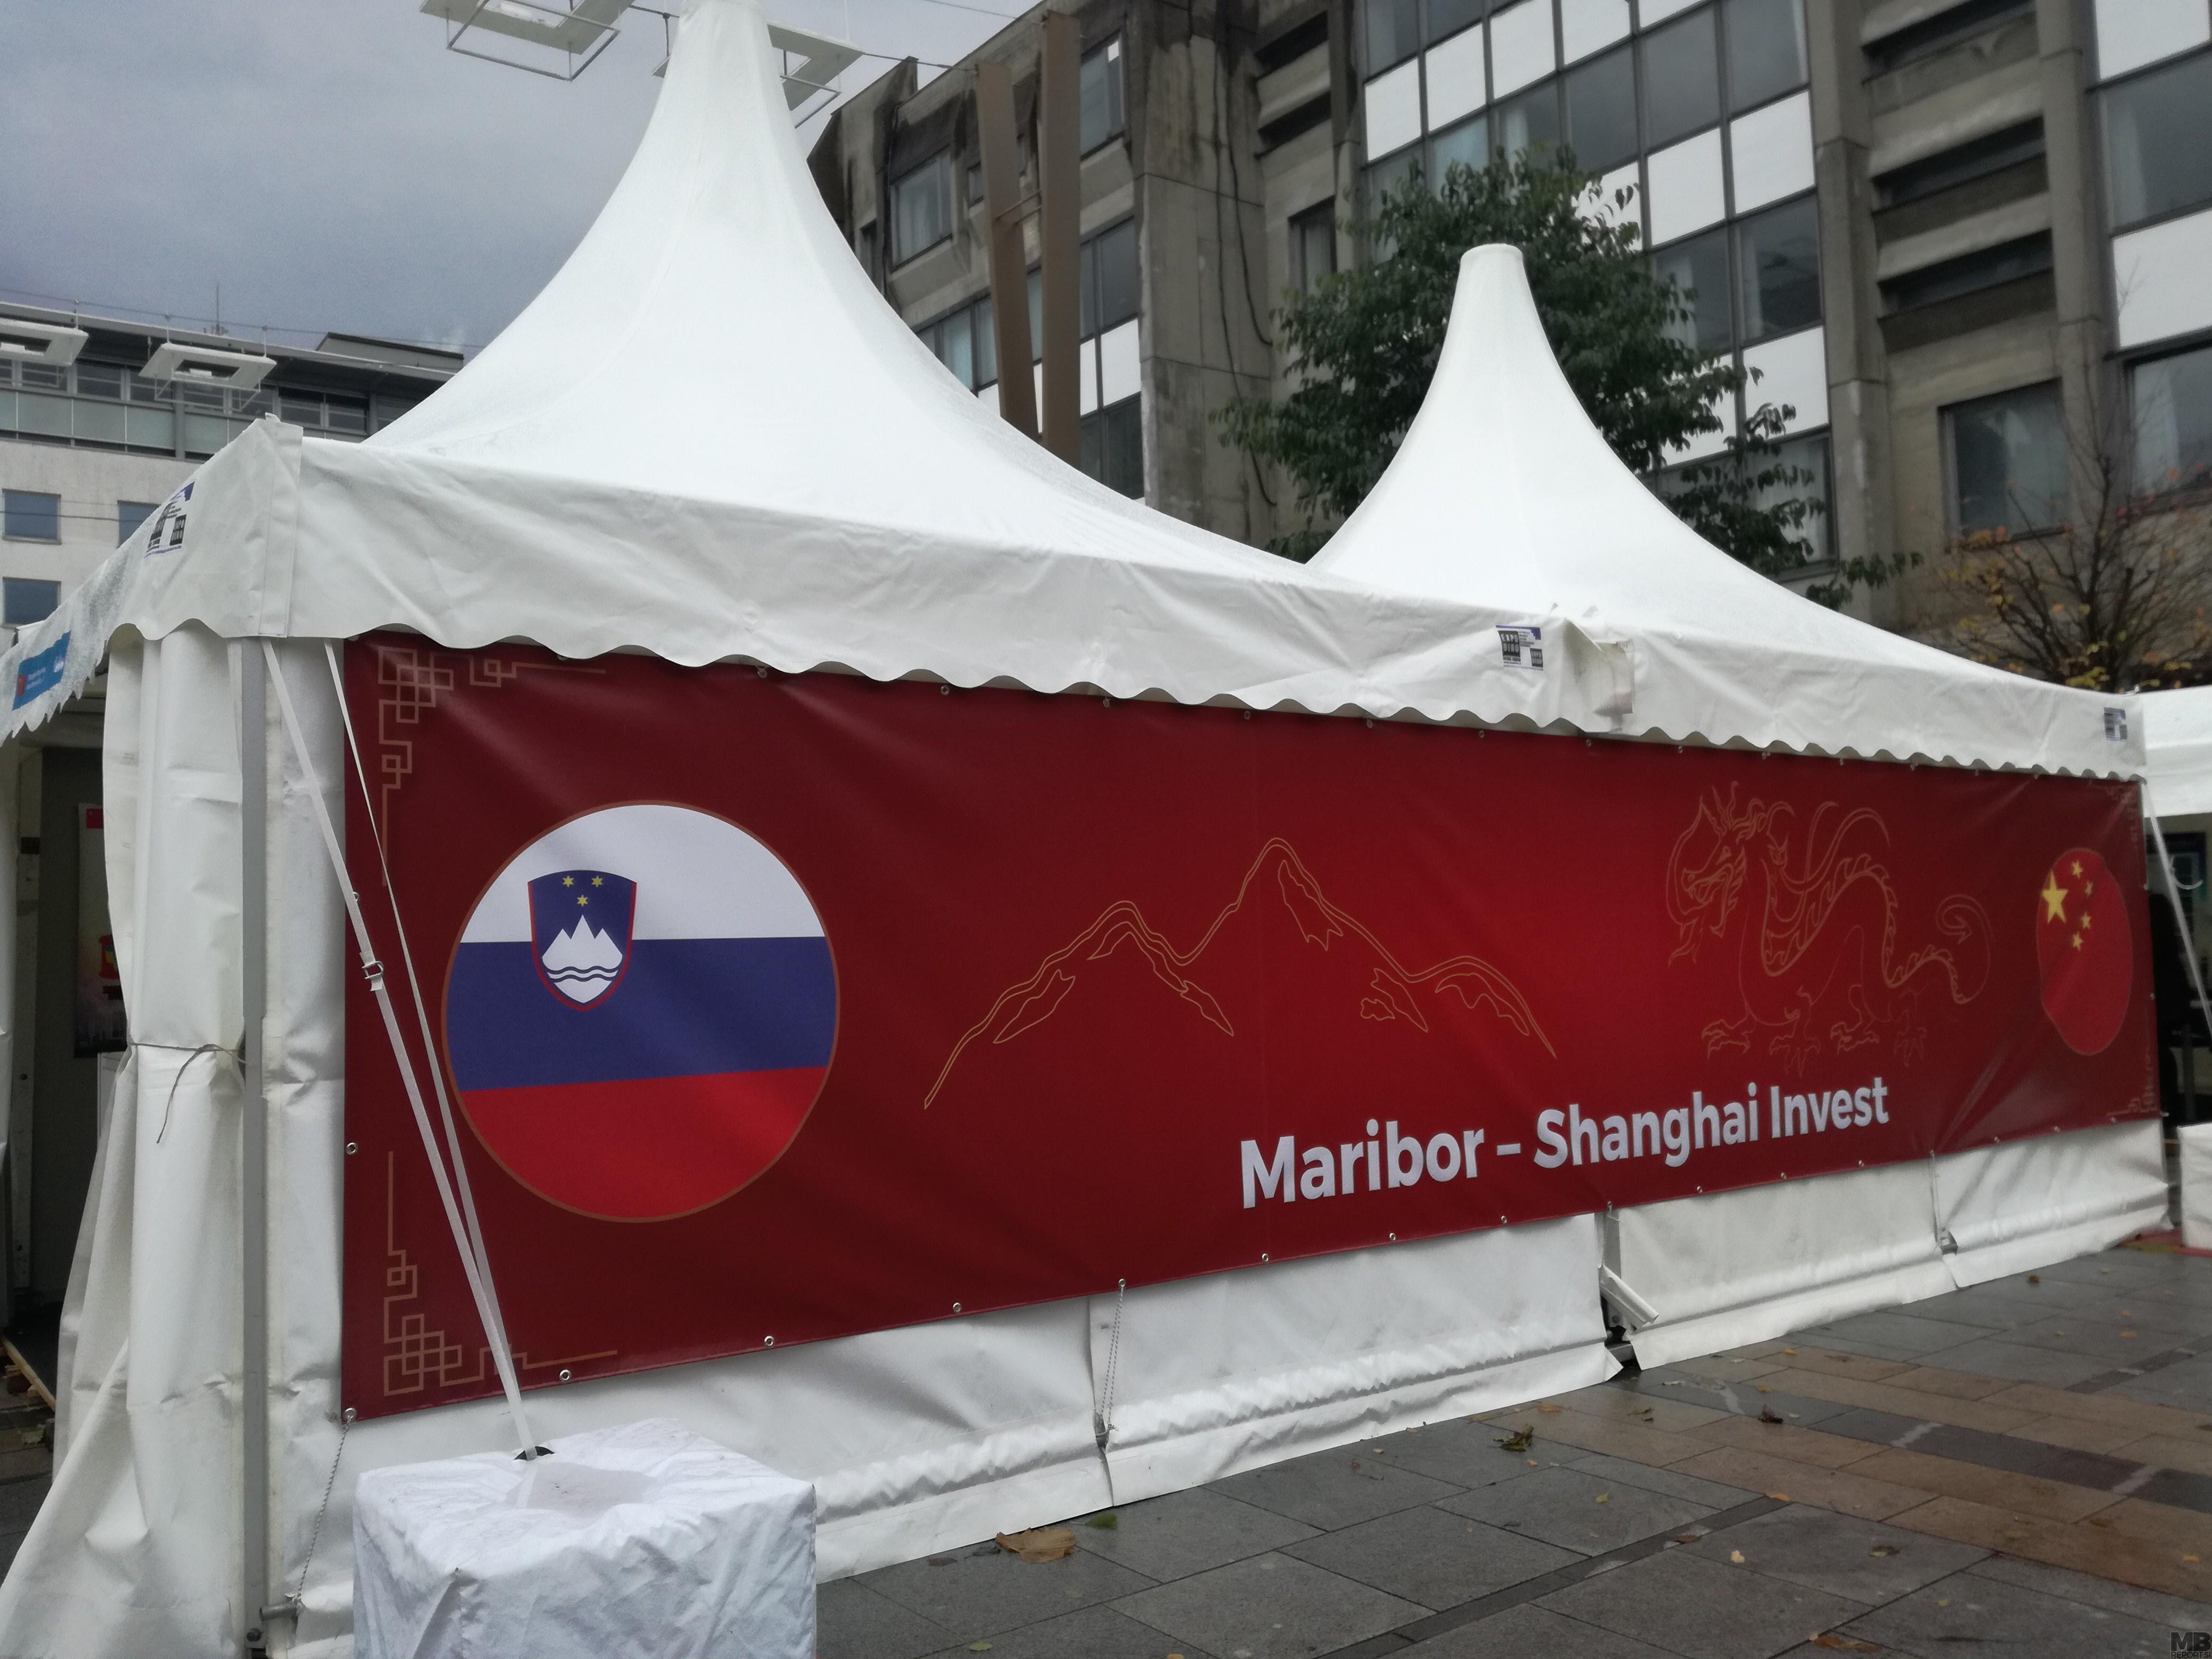 sejem sanghajskih podjetnikov v mb